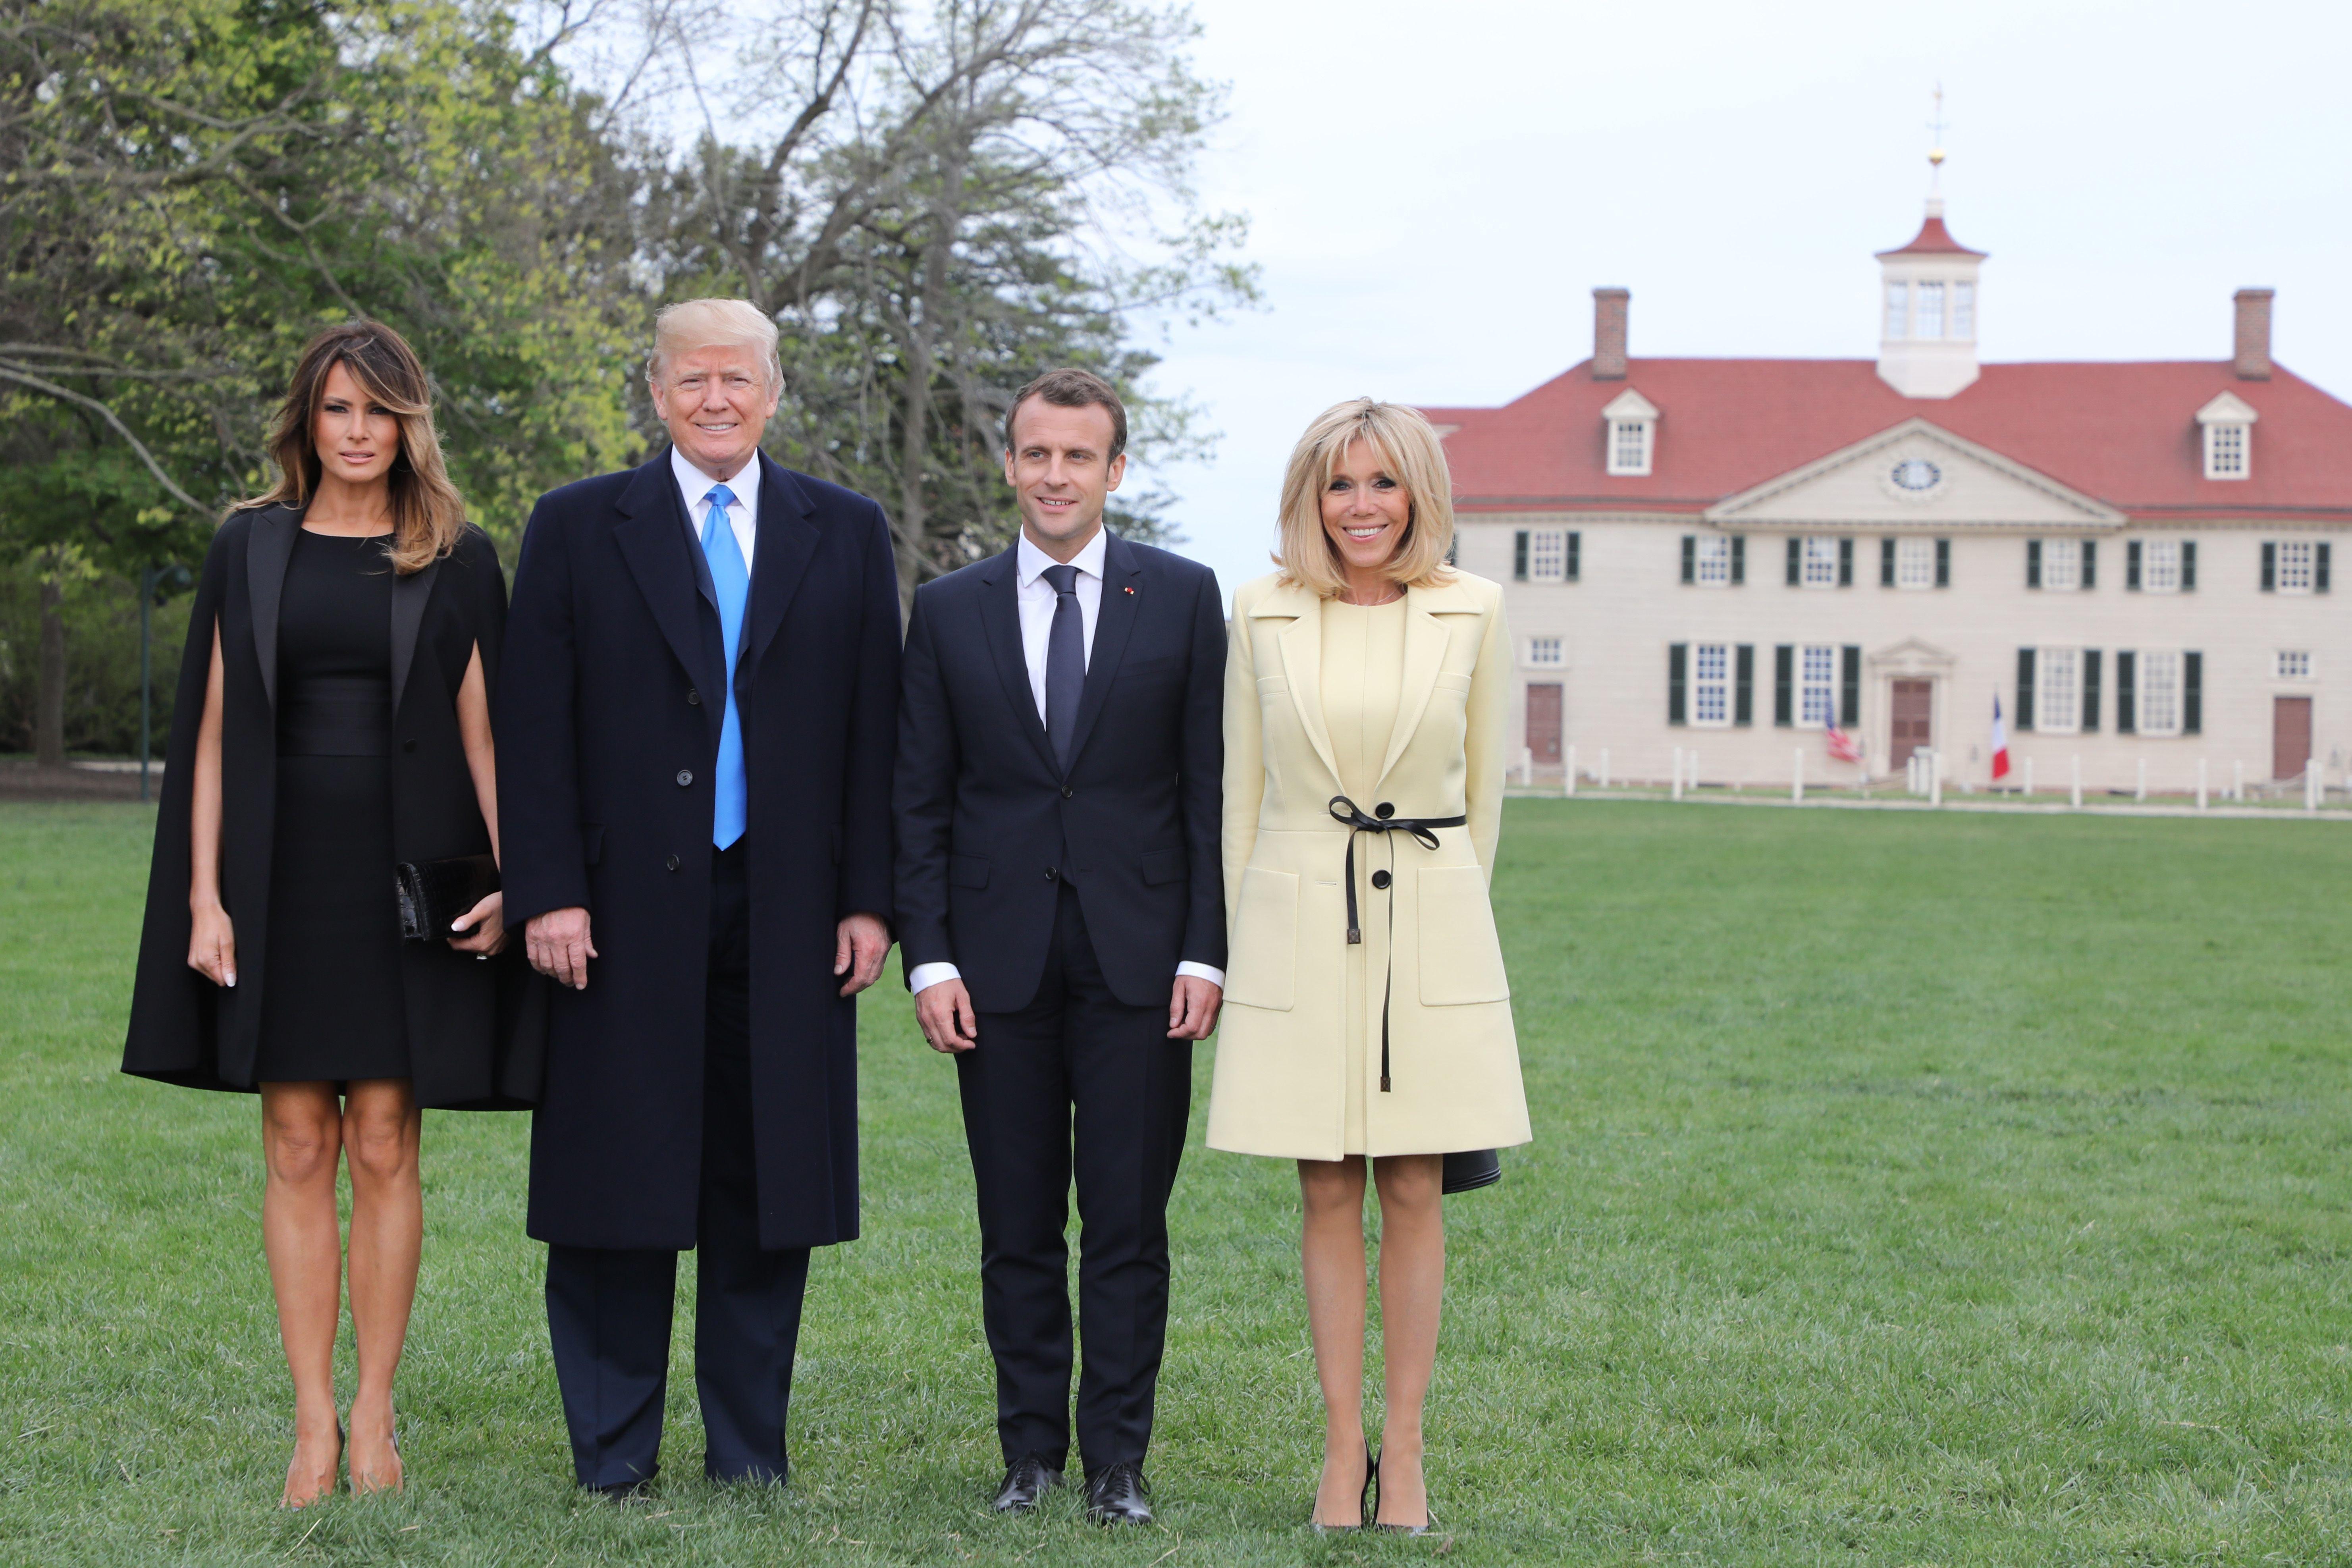 Οι διπλωματικές (;) ενδυματολογικές επιλογές της Melania Trump κατά την επίσκεψη